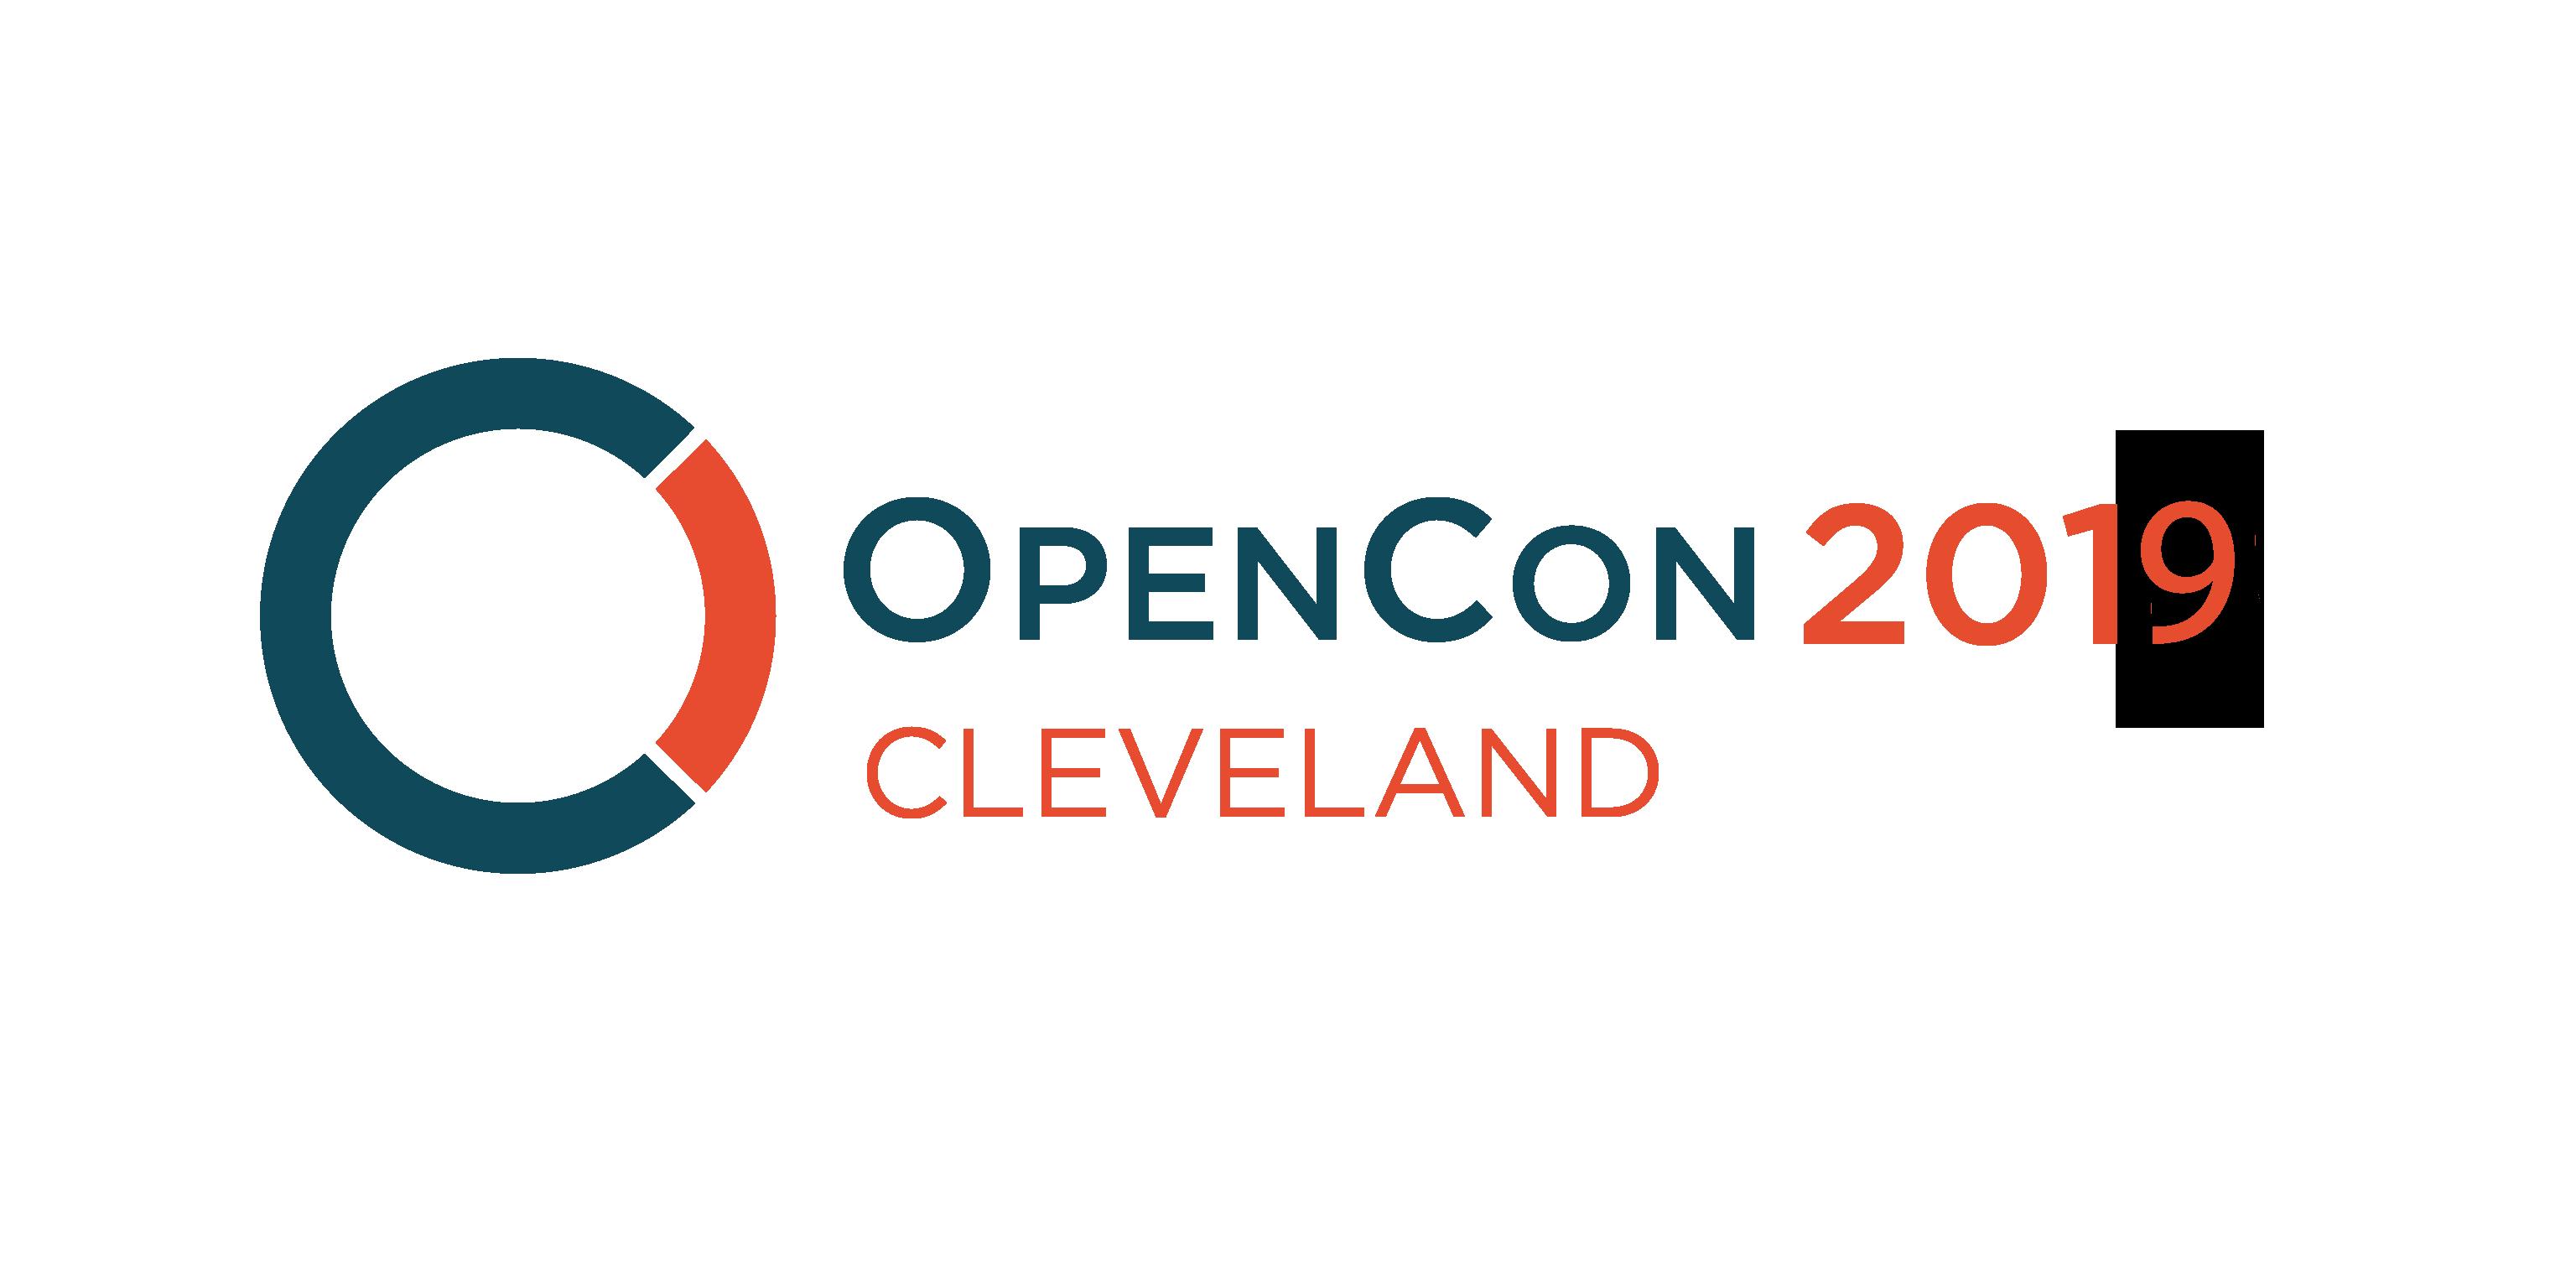 OpenCon Cleveland 2019 logo